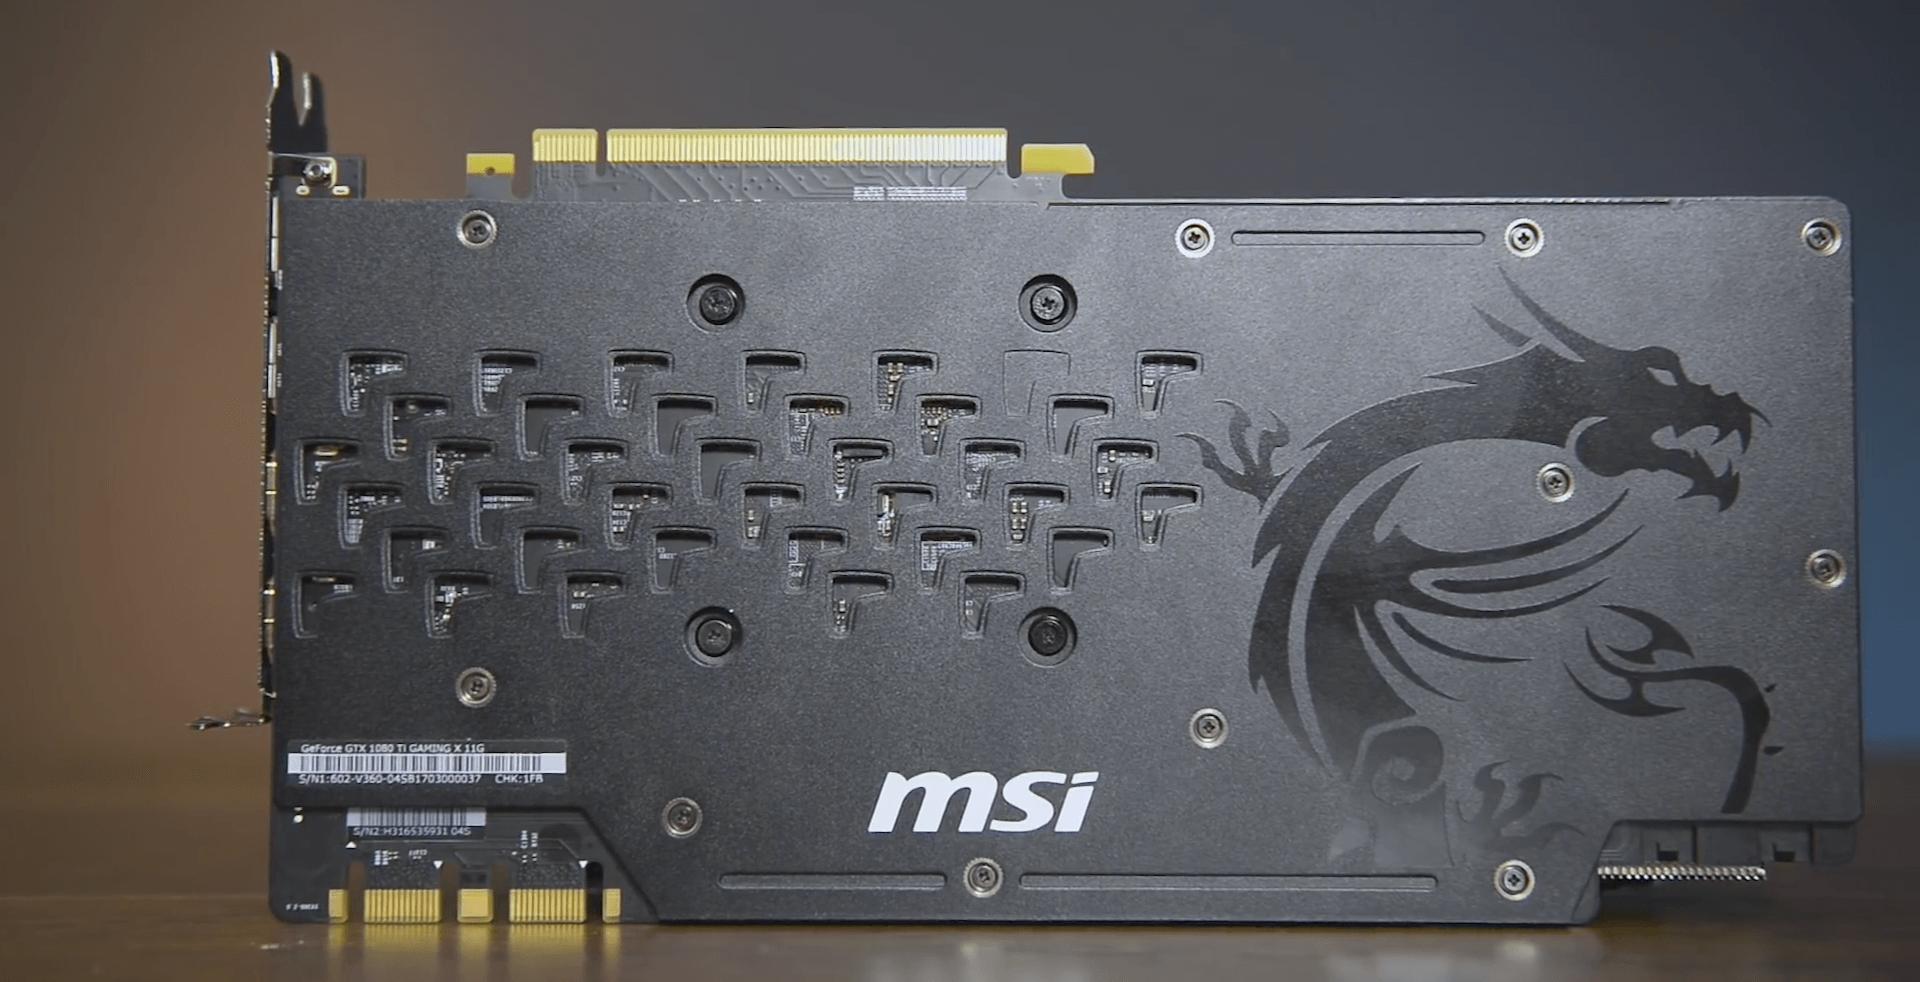 Особливості відеокарти msi gtx 1080 ti gaming x